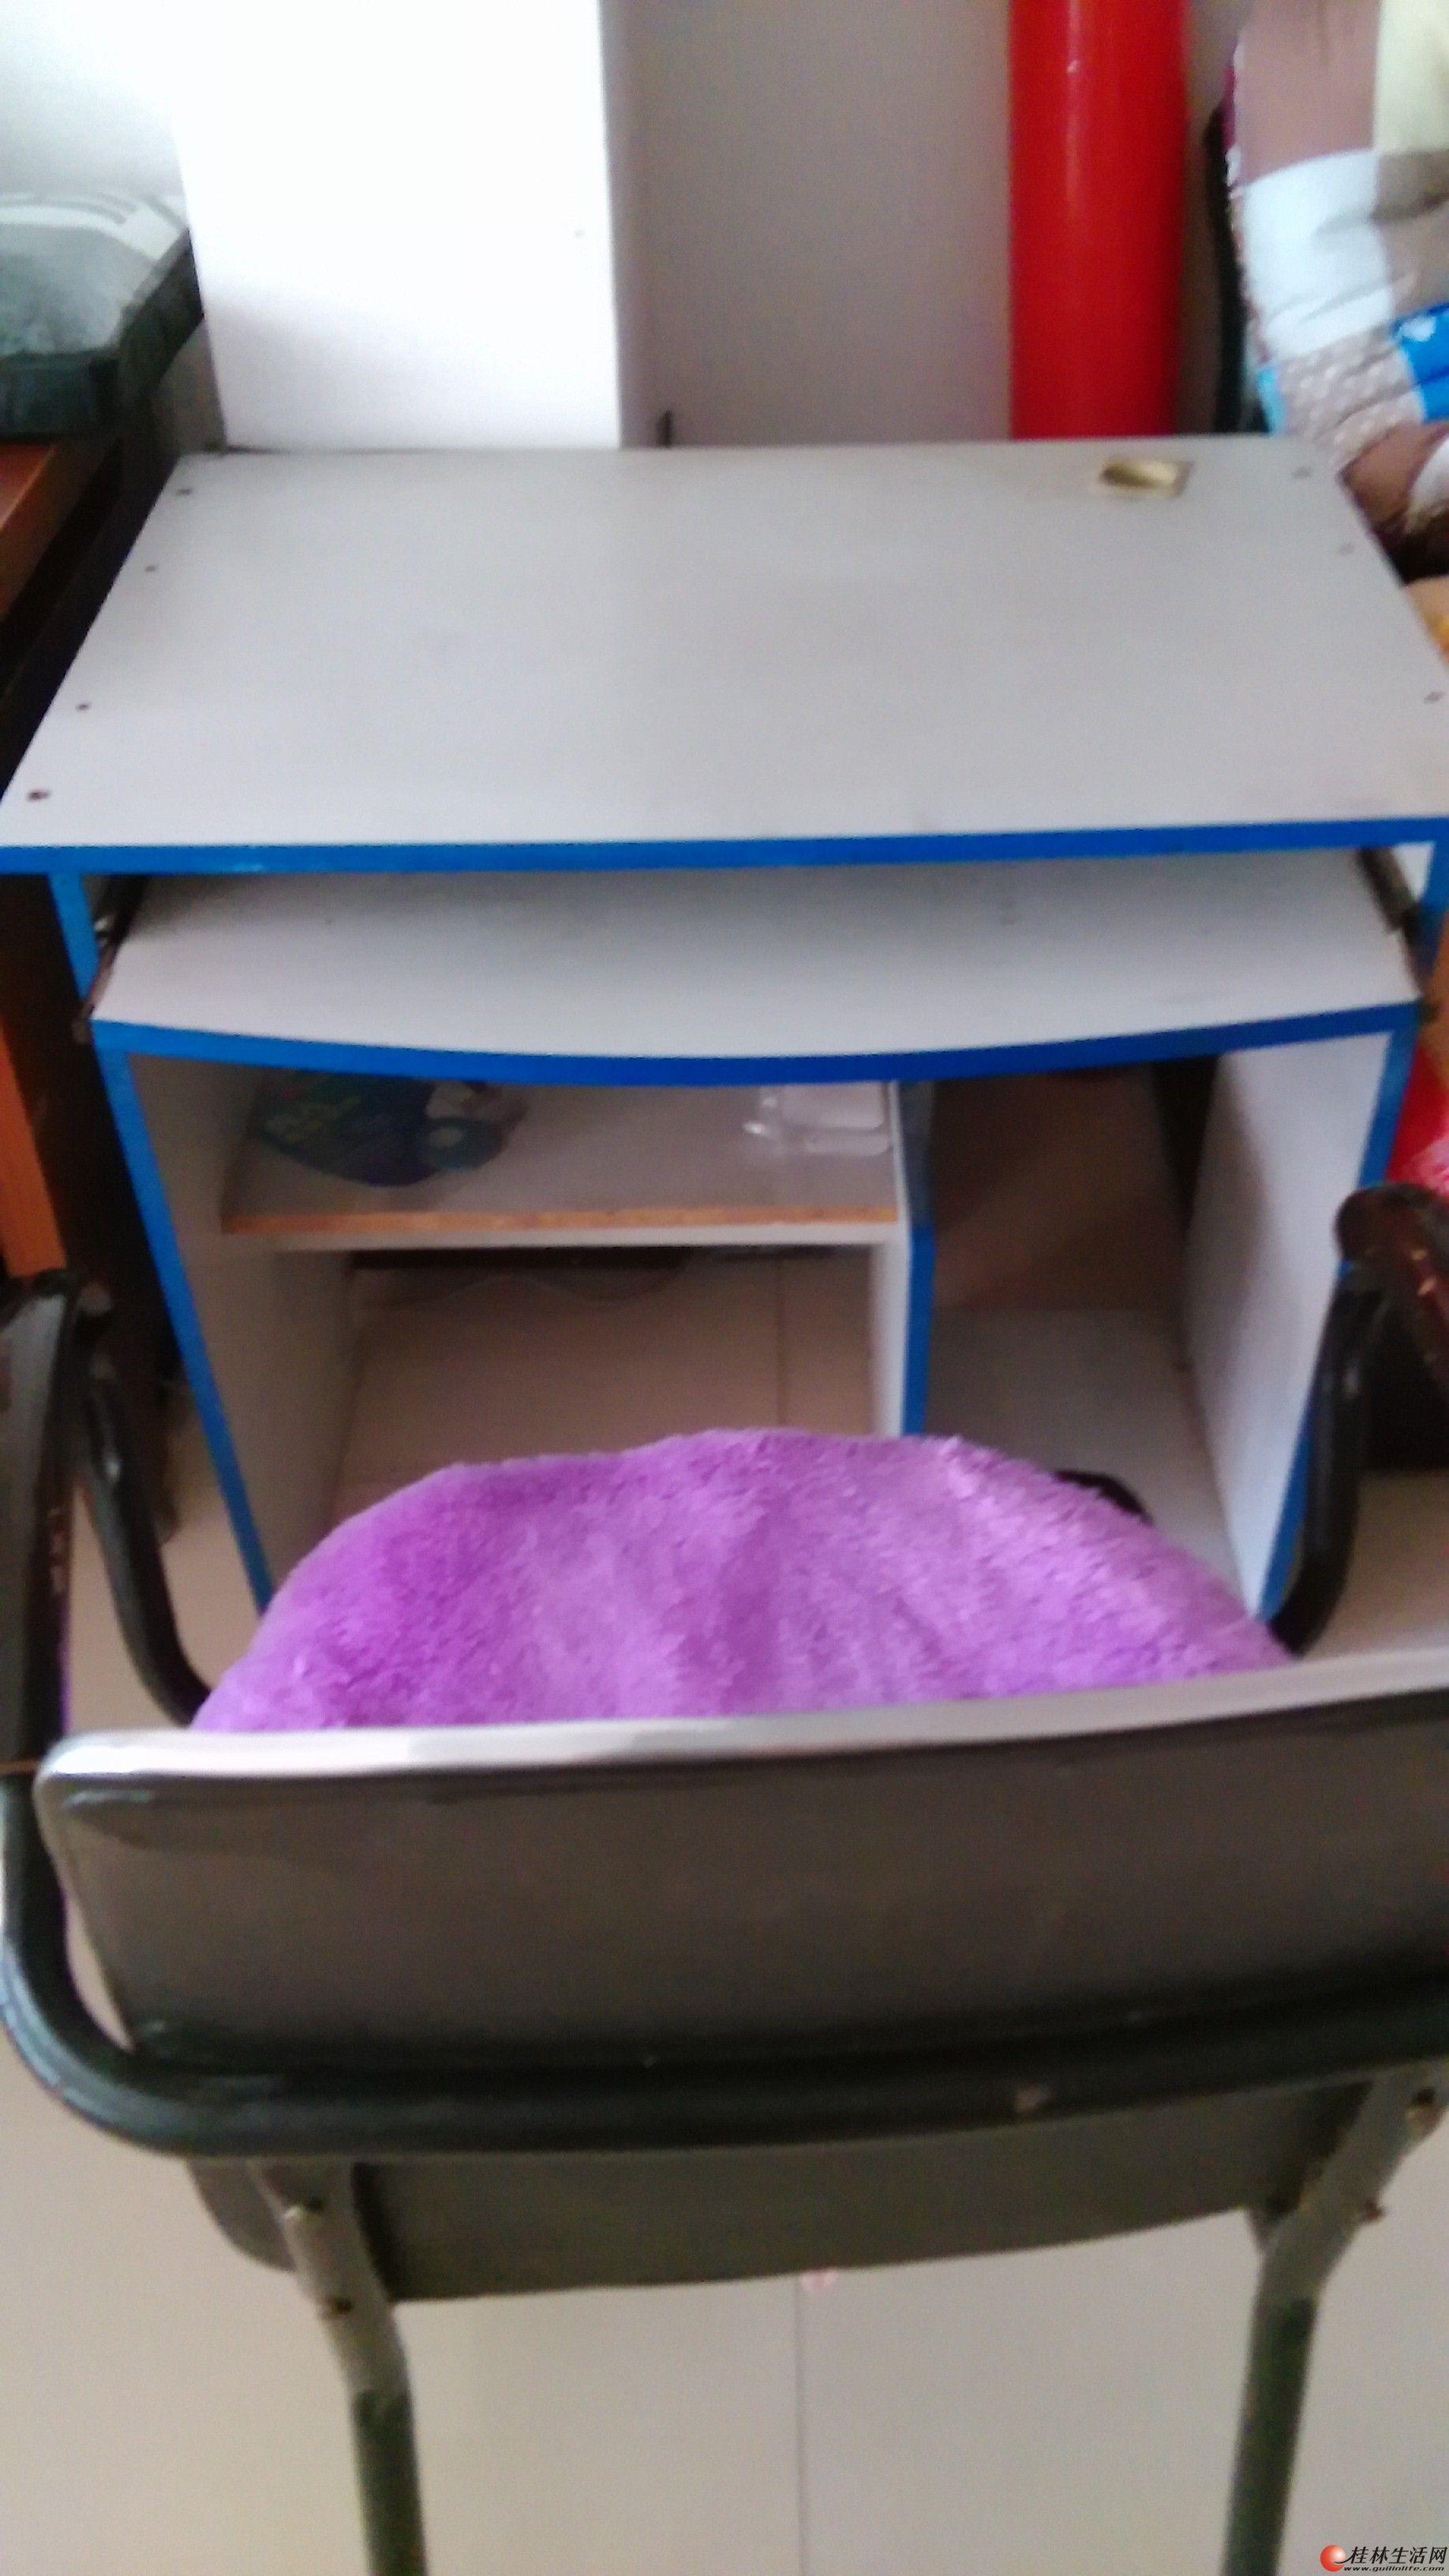 家用电脑桌转,结实实用40元